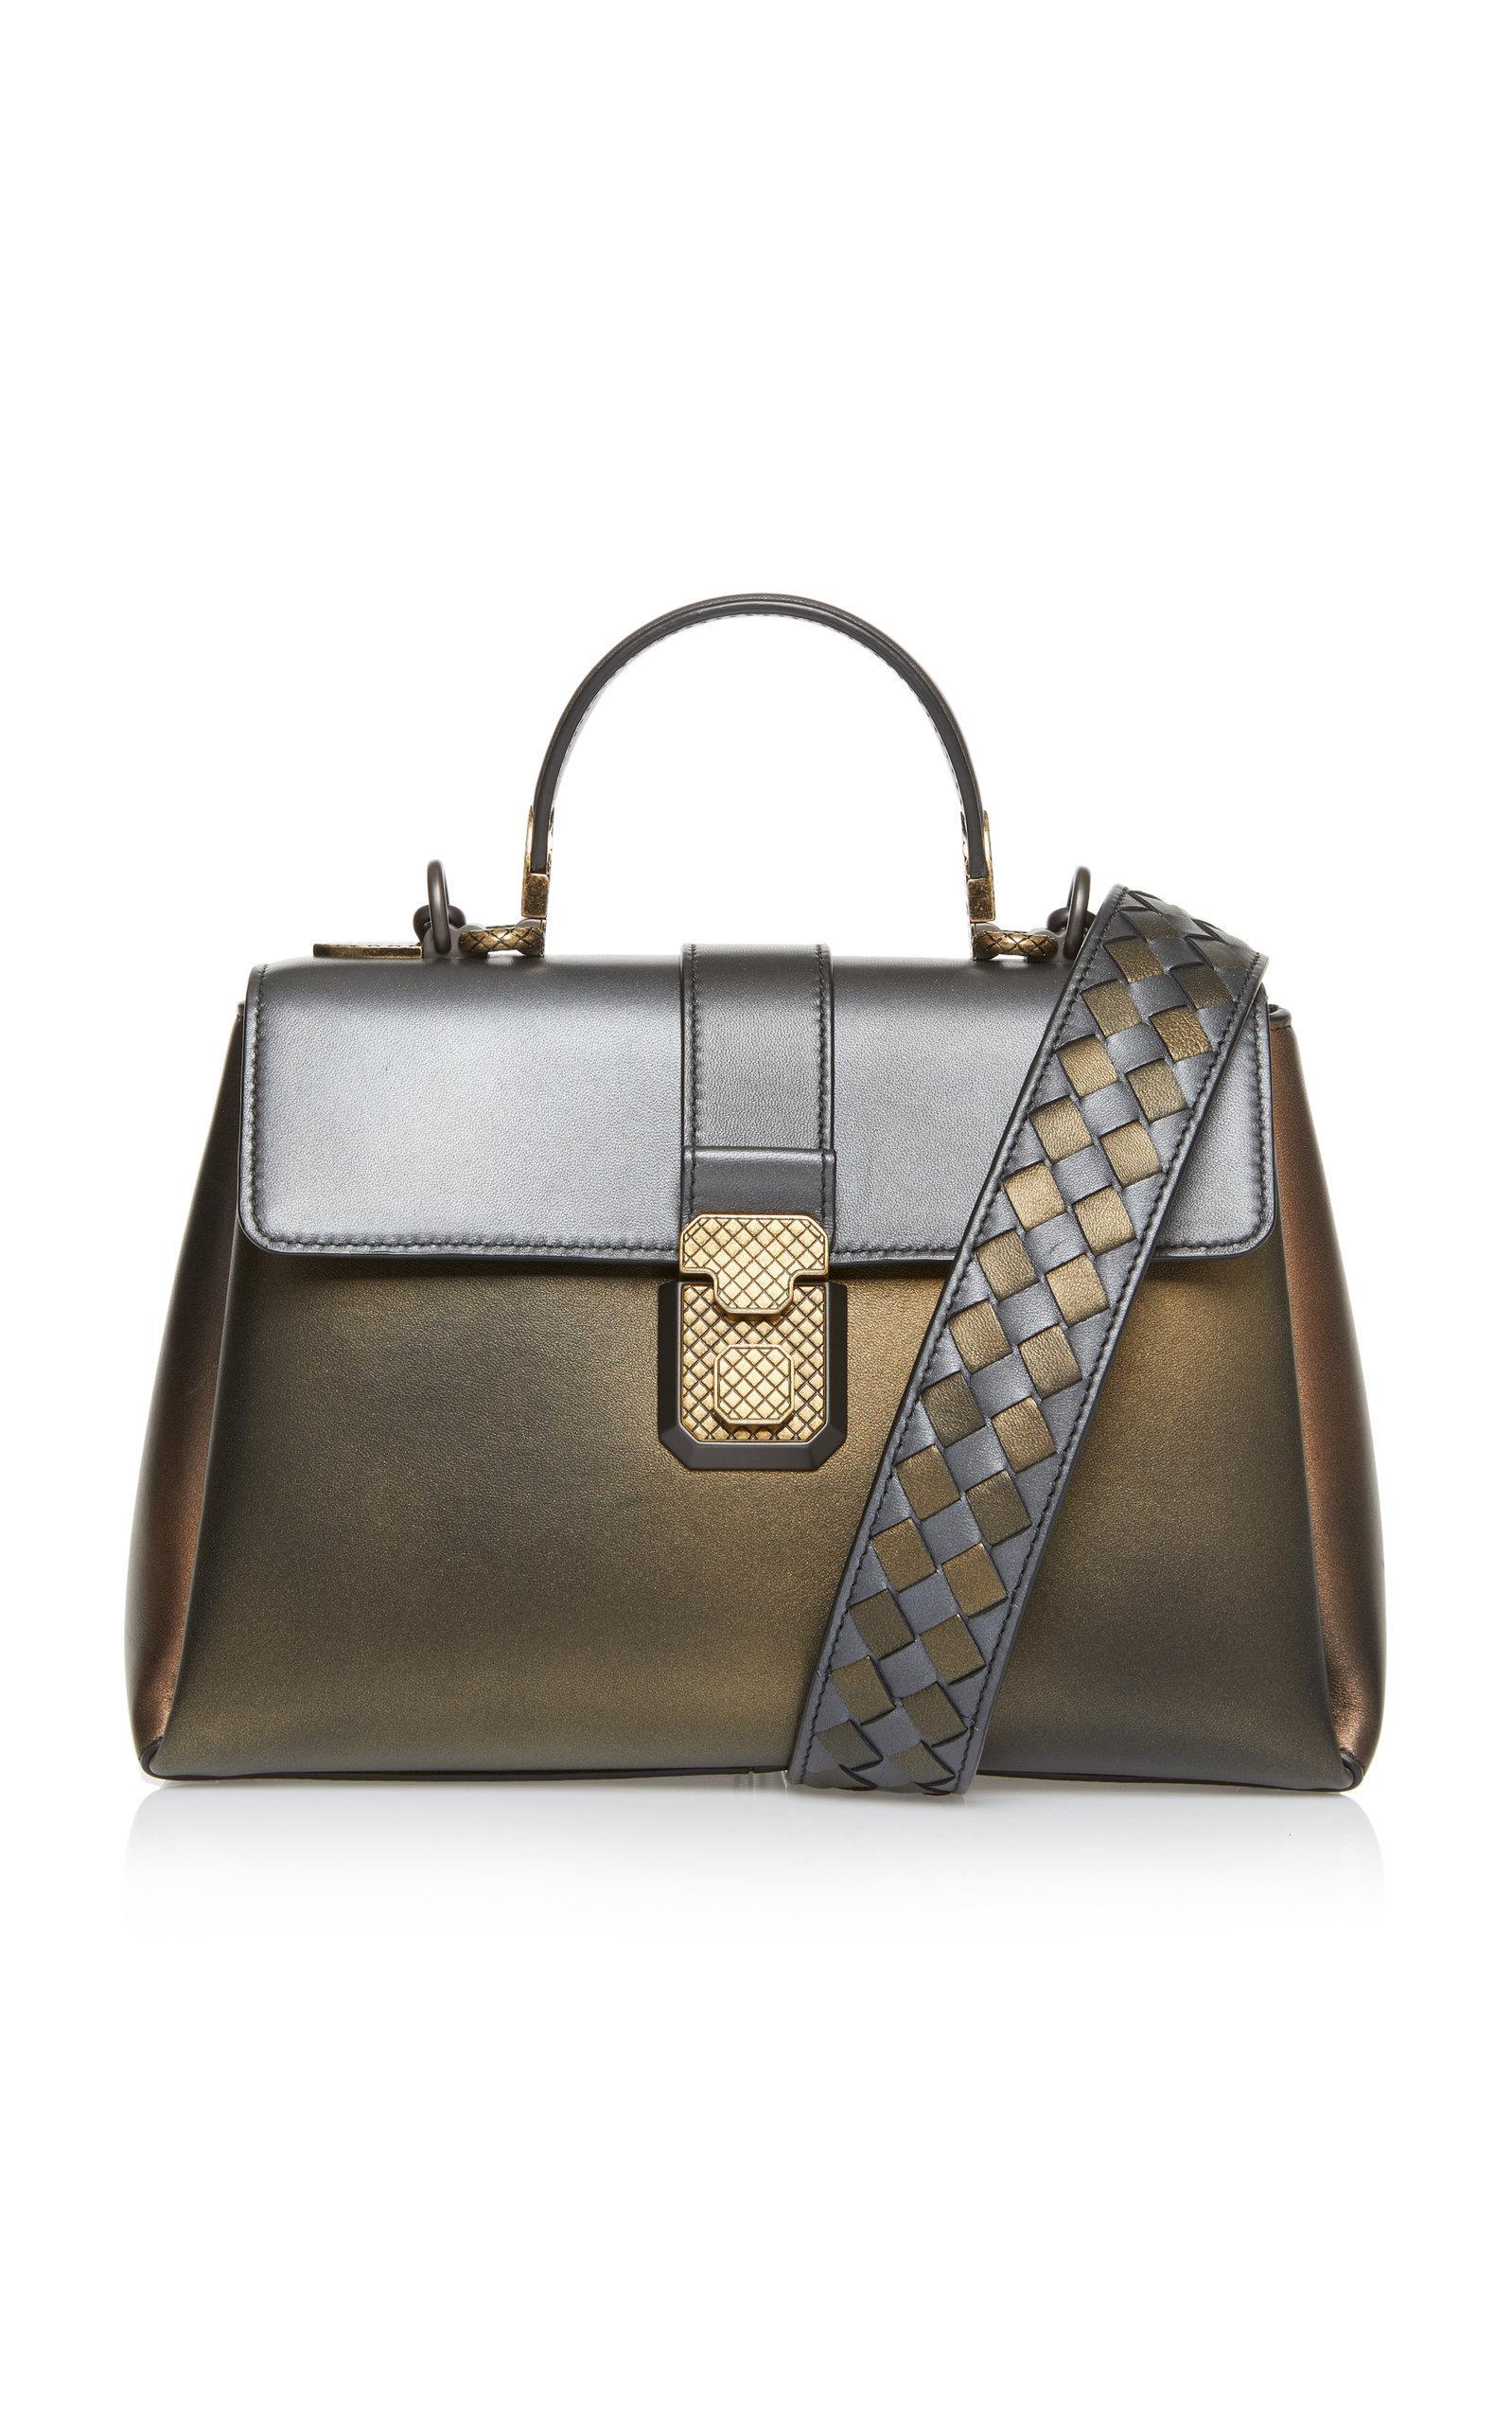 Bottega Veneta Antique Piazza Leather Top Handle Bag In Black